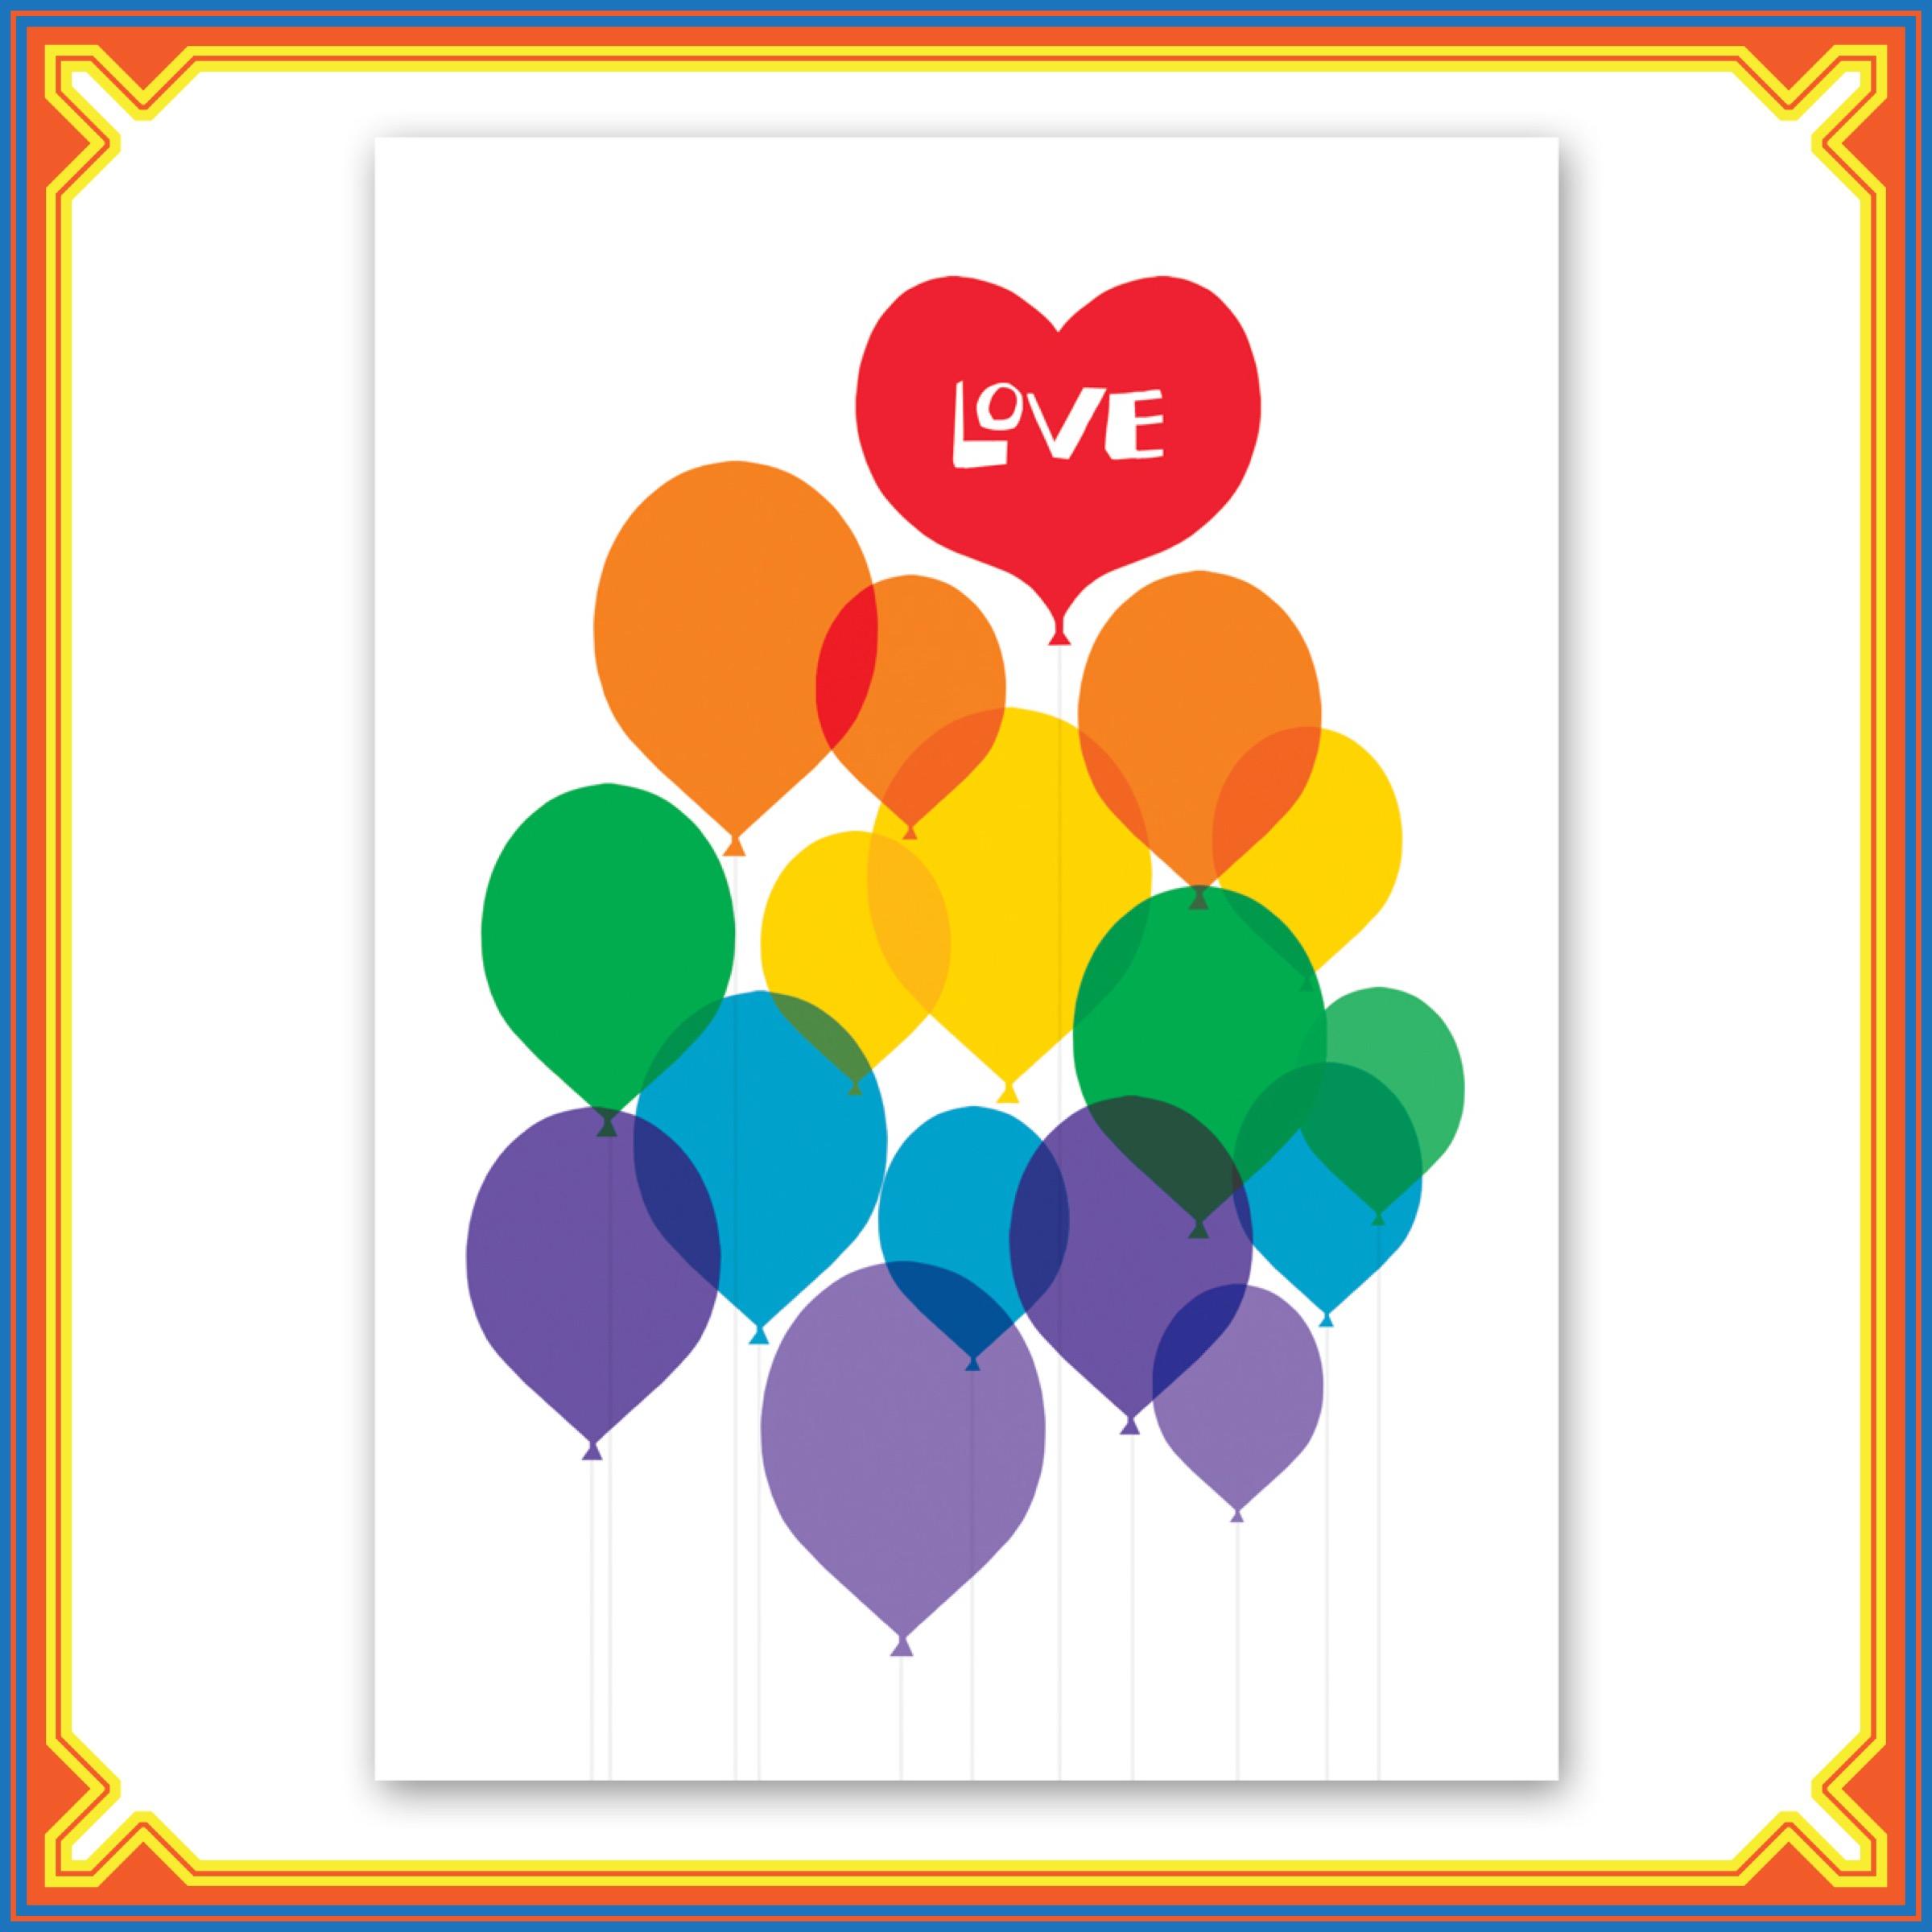 $3.99 RAINBOW BALLOONS LOVE CARD